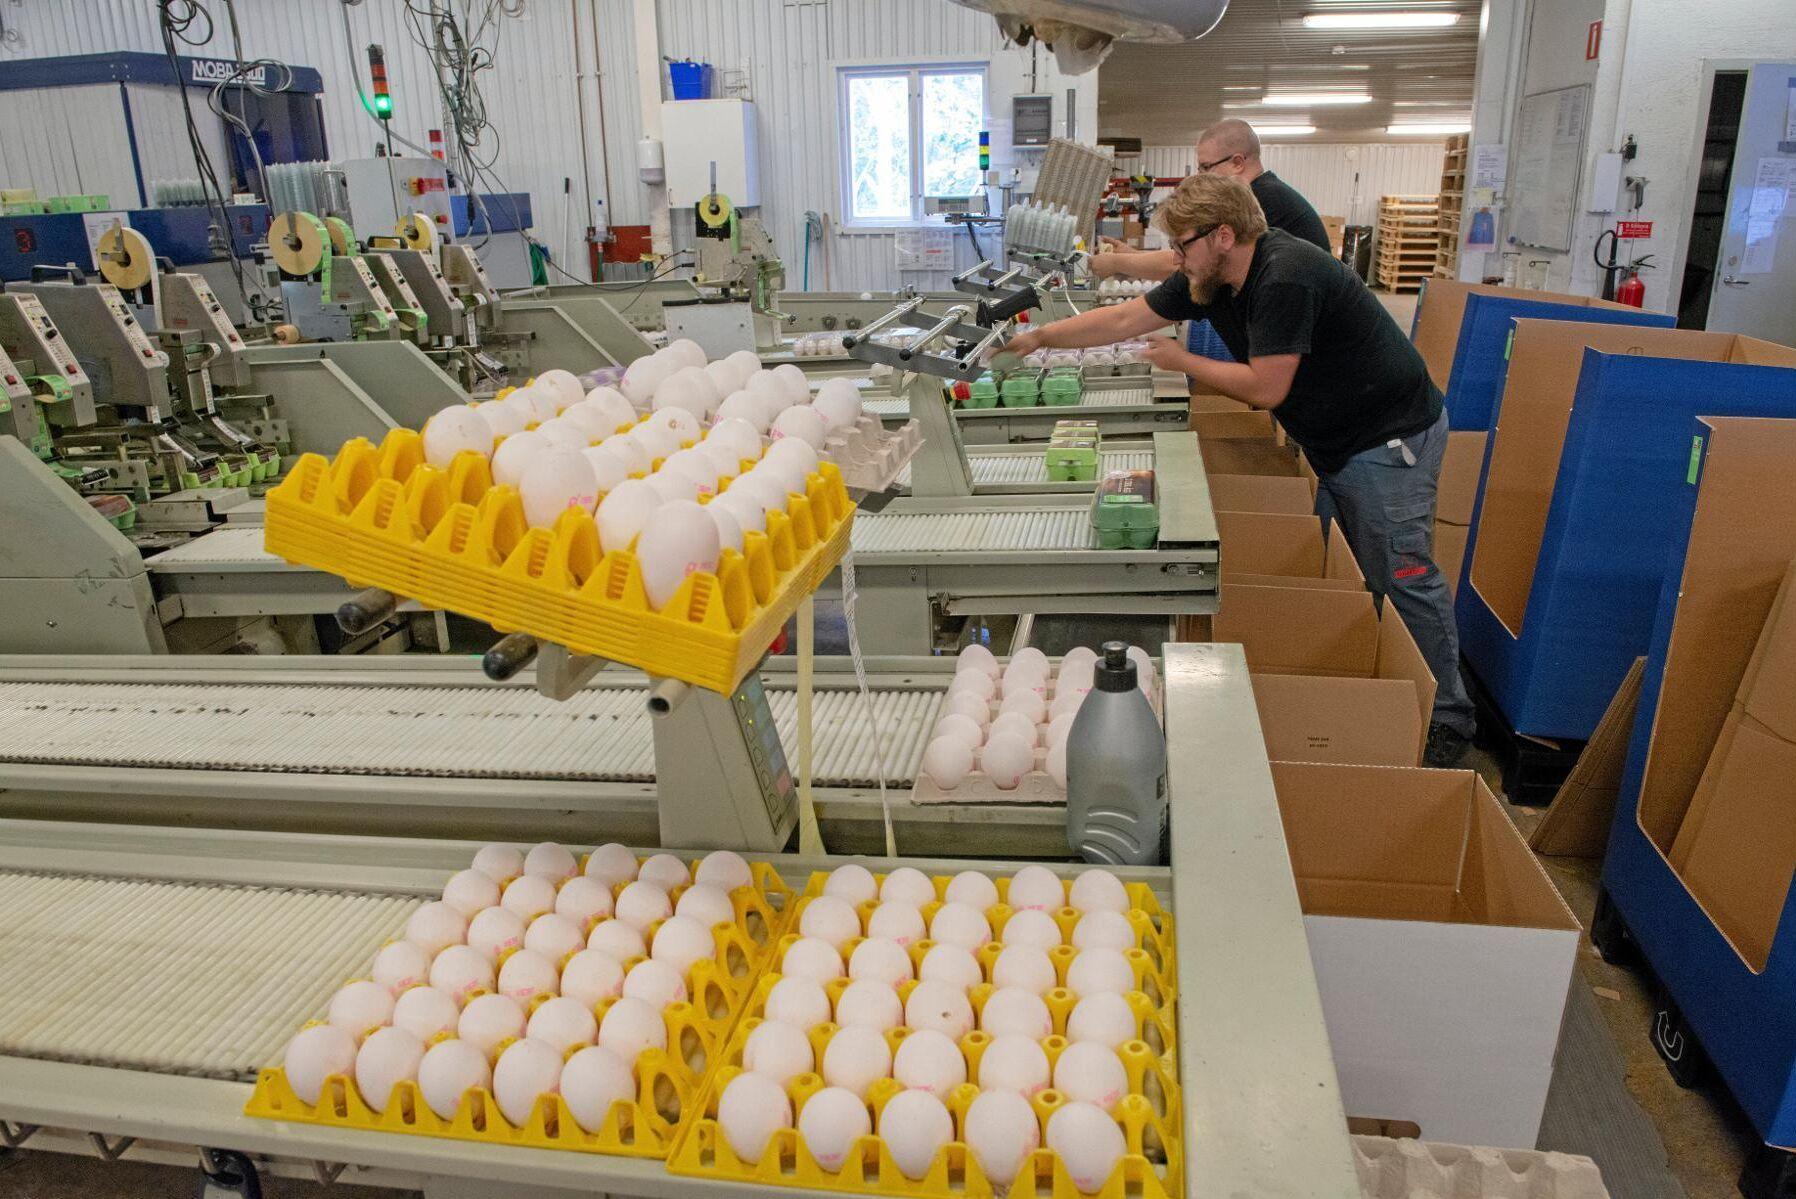 Sju gotländska gårdar levererar äggen som packas av Isak Strängborn och Mattias Stenström på Gotlandsägg. När det inte är turistsäsong åker 90 procent av äggen färja till butiker på fastlandet.